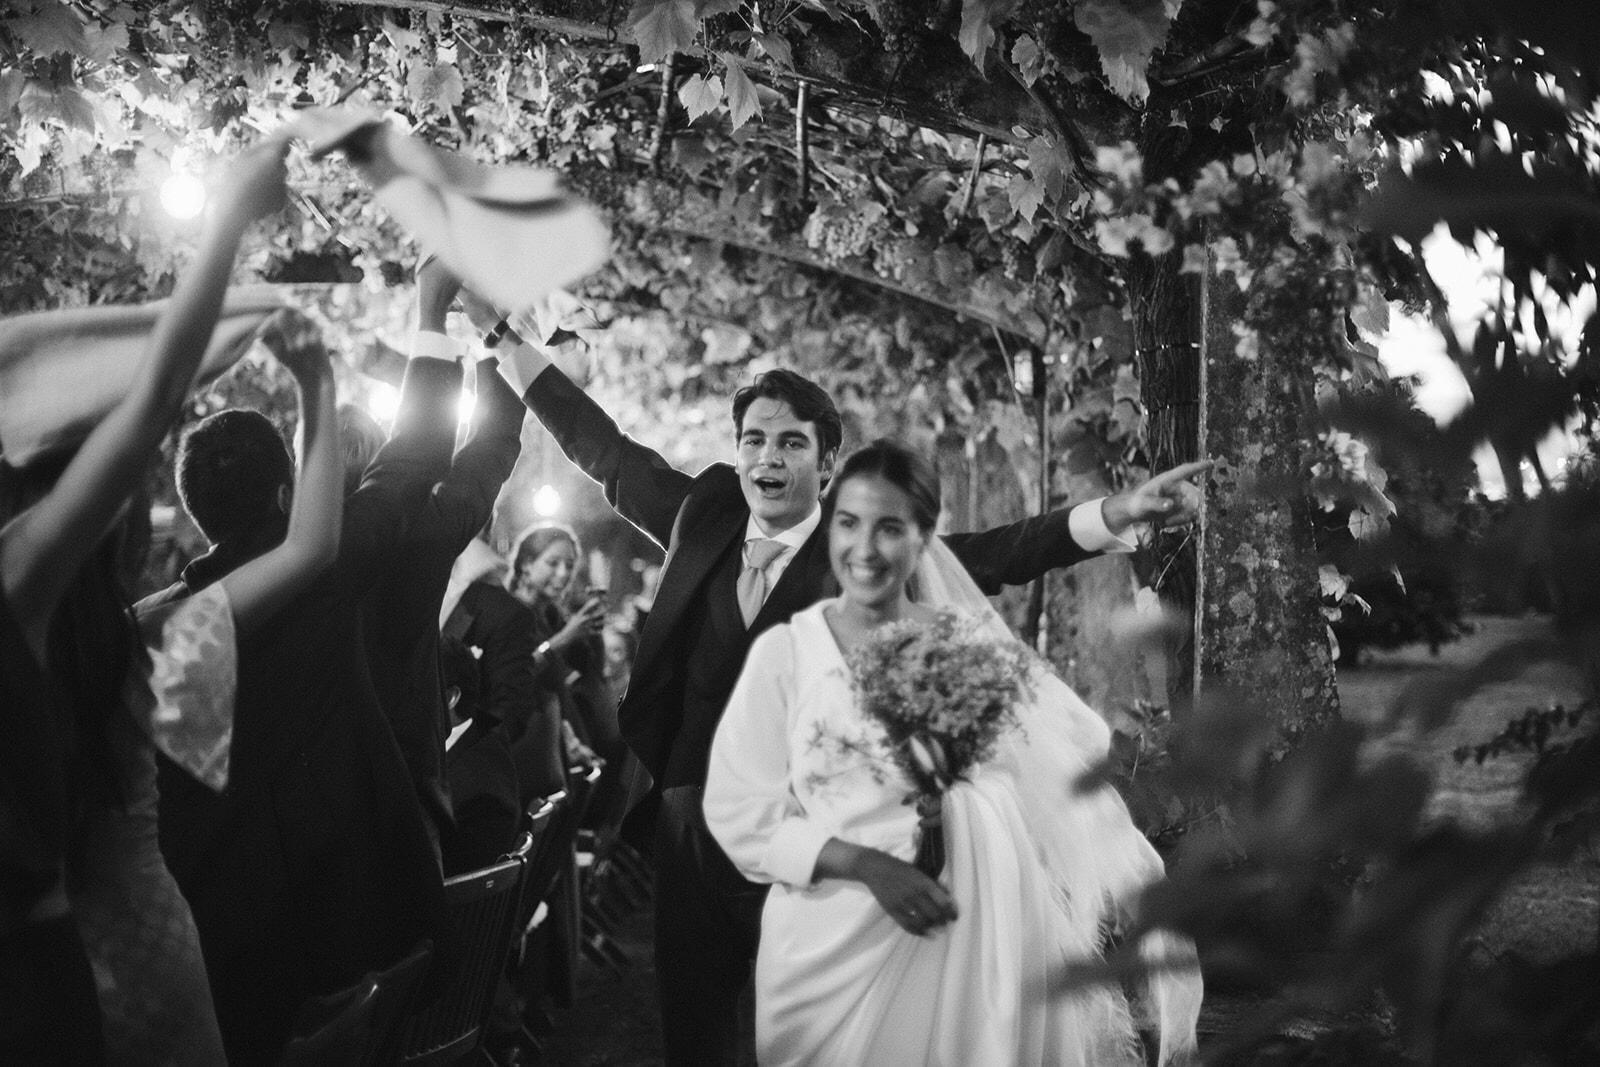 Dos novios entrando en su boda